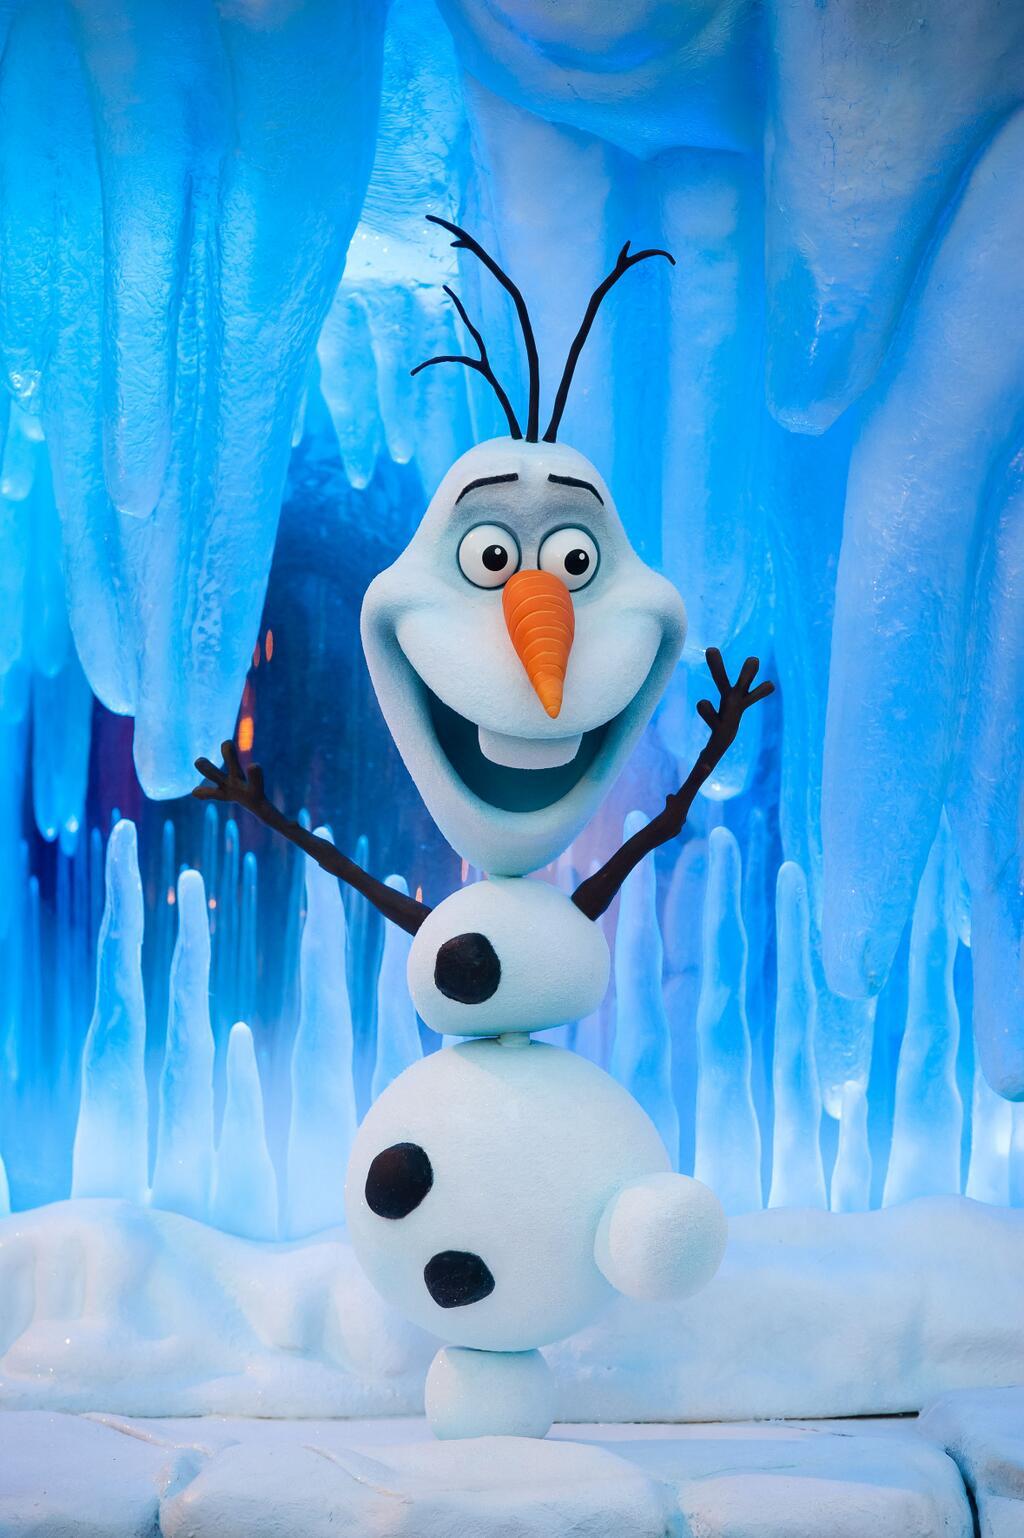 disneyland paris on twitter je mappelle olaf et jadore les clins olaf la reine des neiges httptcocfufozkrec